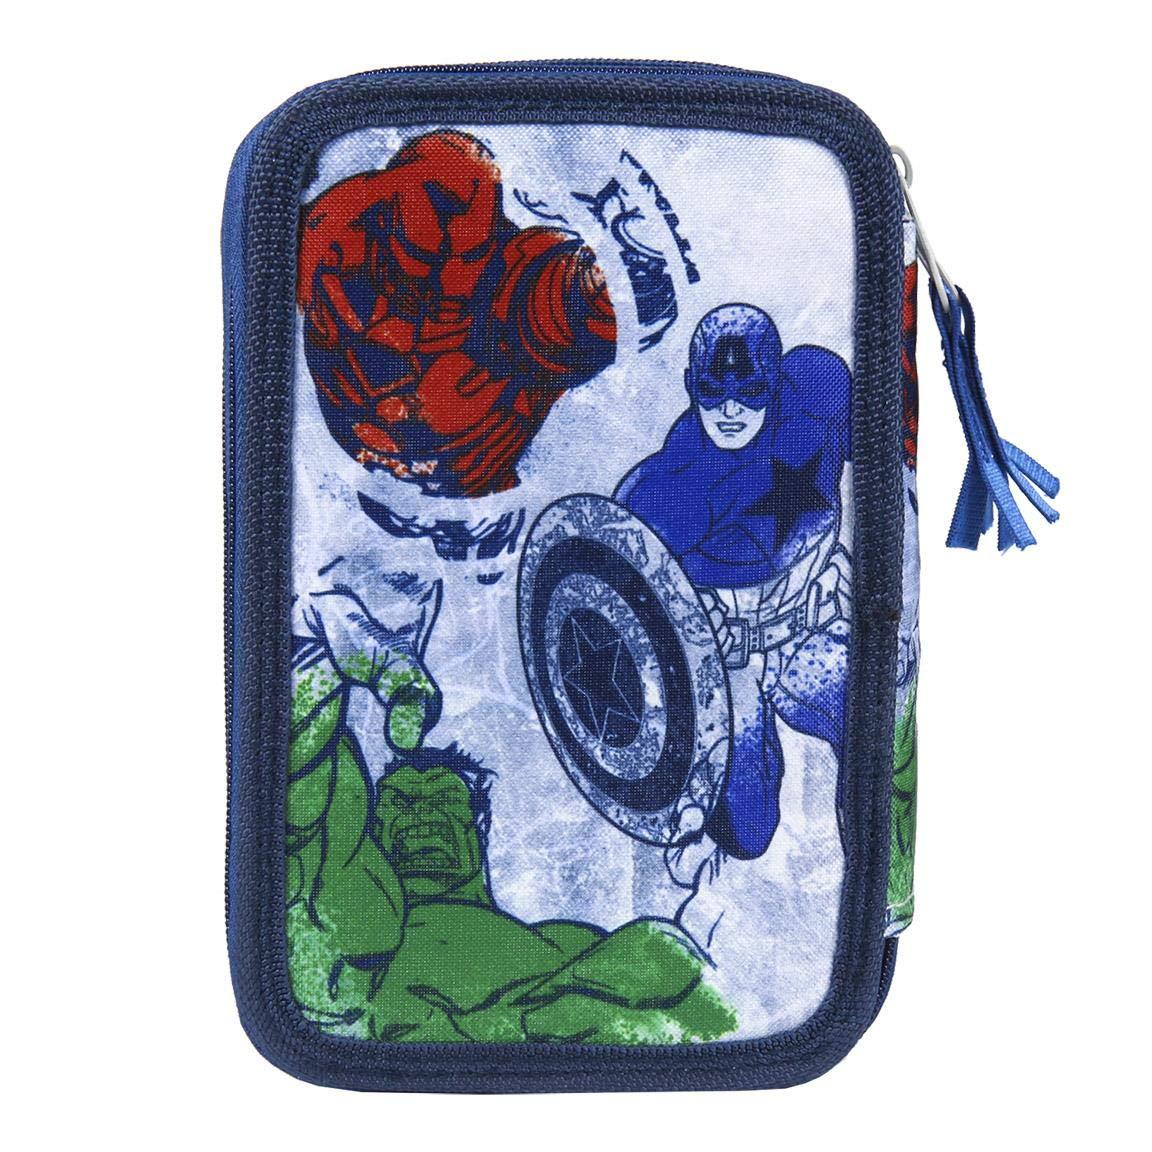 ideale per campeggio e il Trekking Marmot Wms Trestles Elite Eco 20 Mummia Donne Midnight//Storm Mujeres 168 cm sacco a Pelo estivo leggero